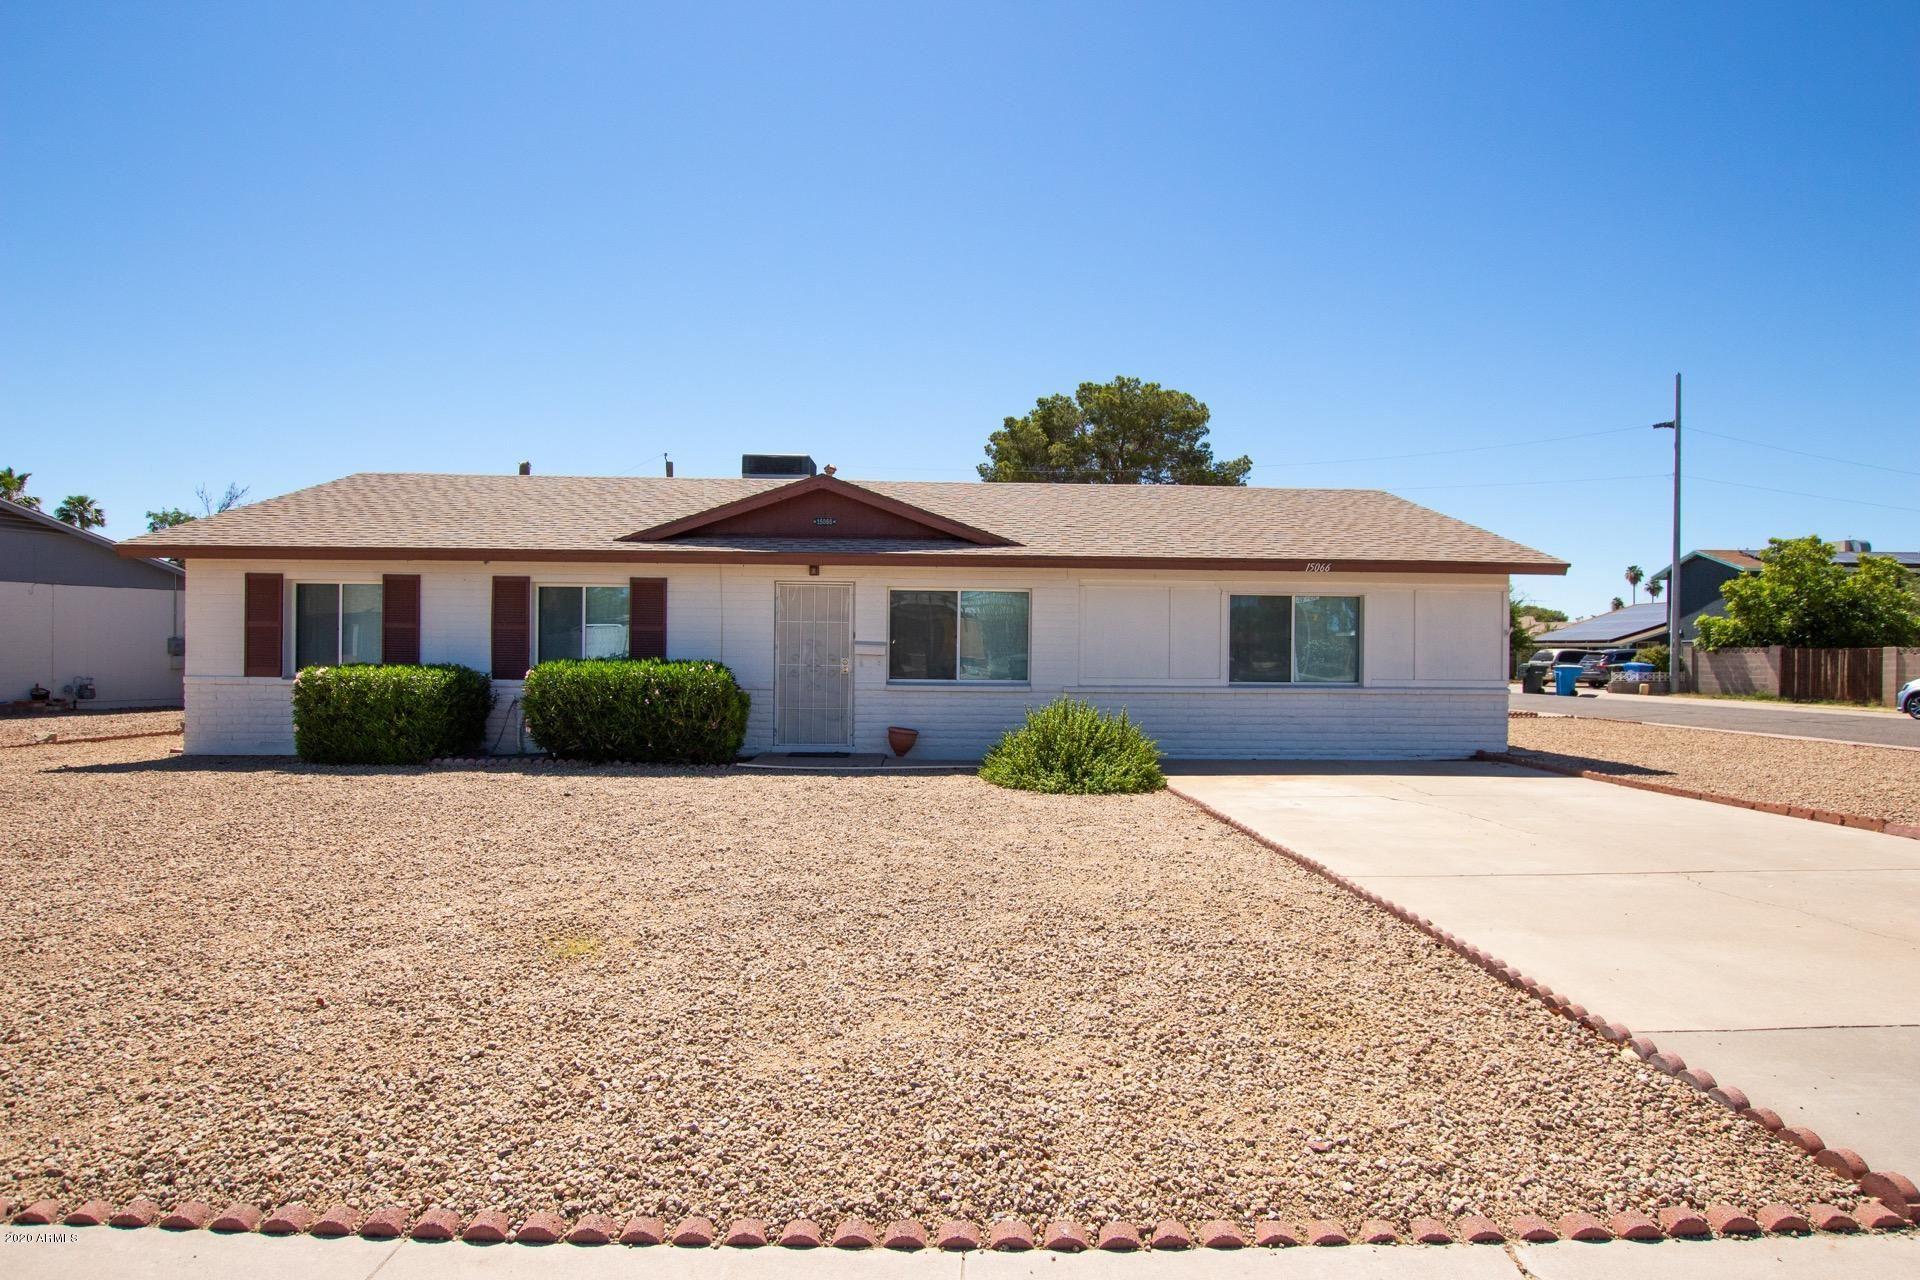 15066 N 30TH Drive, Phoenix, AZ 85053 - #: 6089483